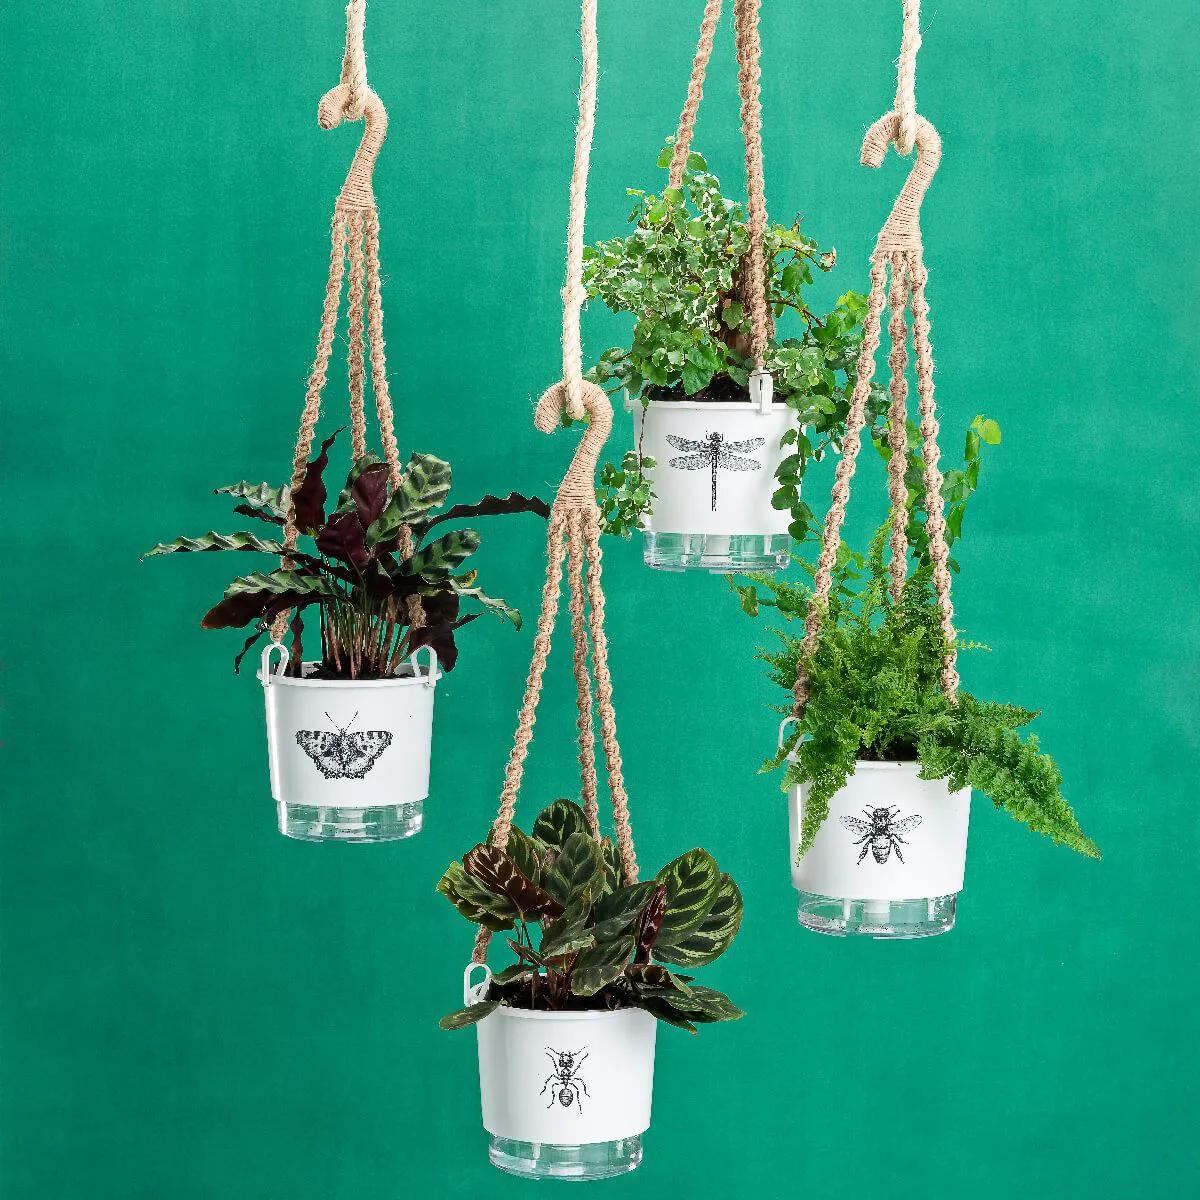 04 Vasos Autoirrigáveis Jardim de insetos pendente em alça macramê  - Vasos Raiz Loja Oficial